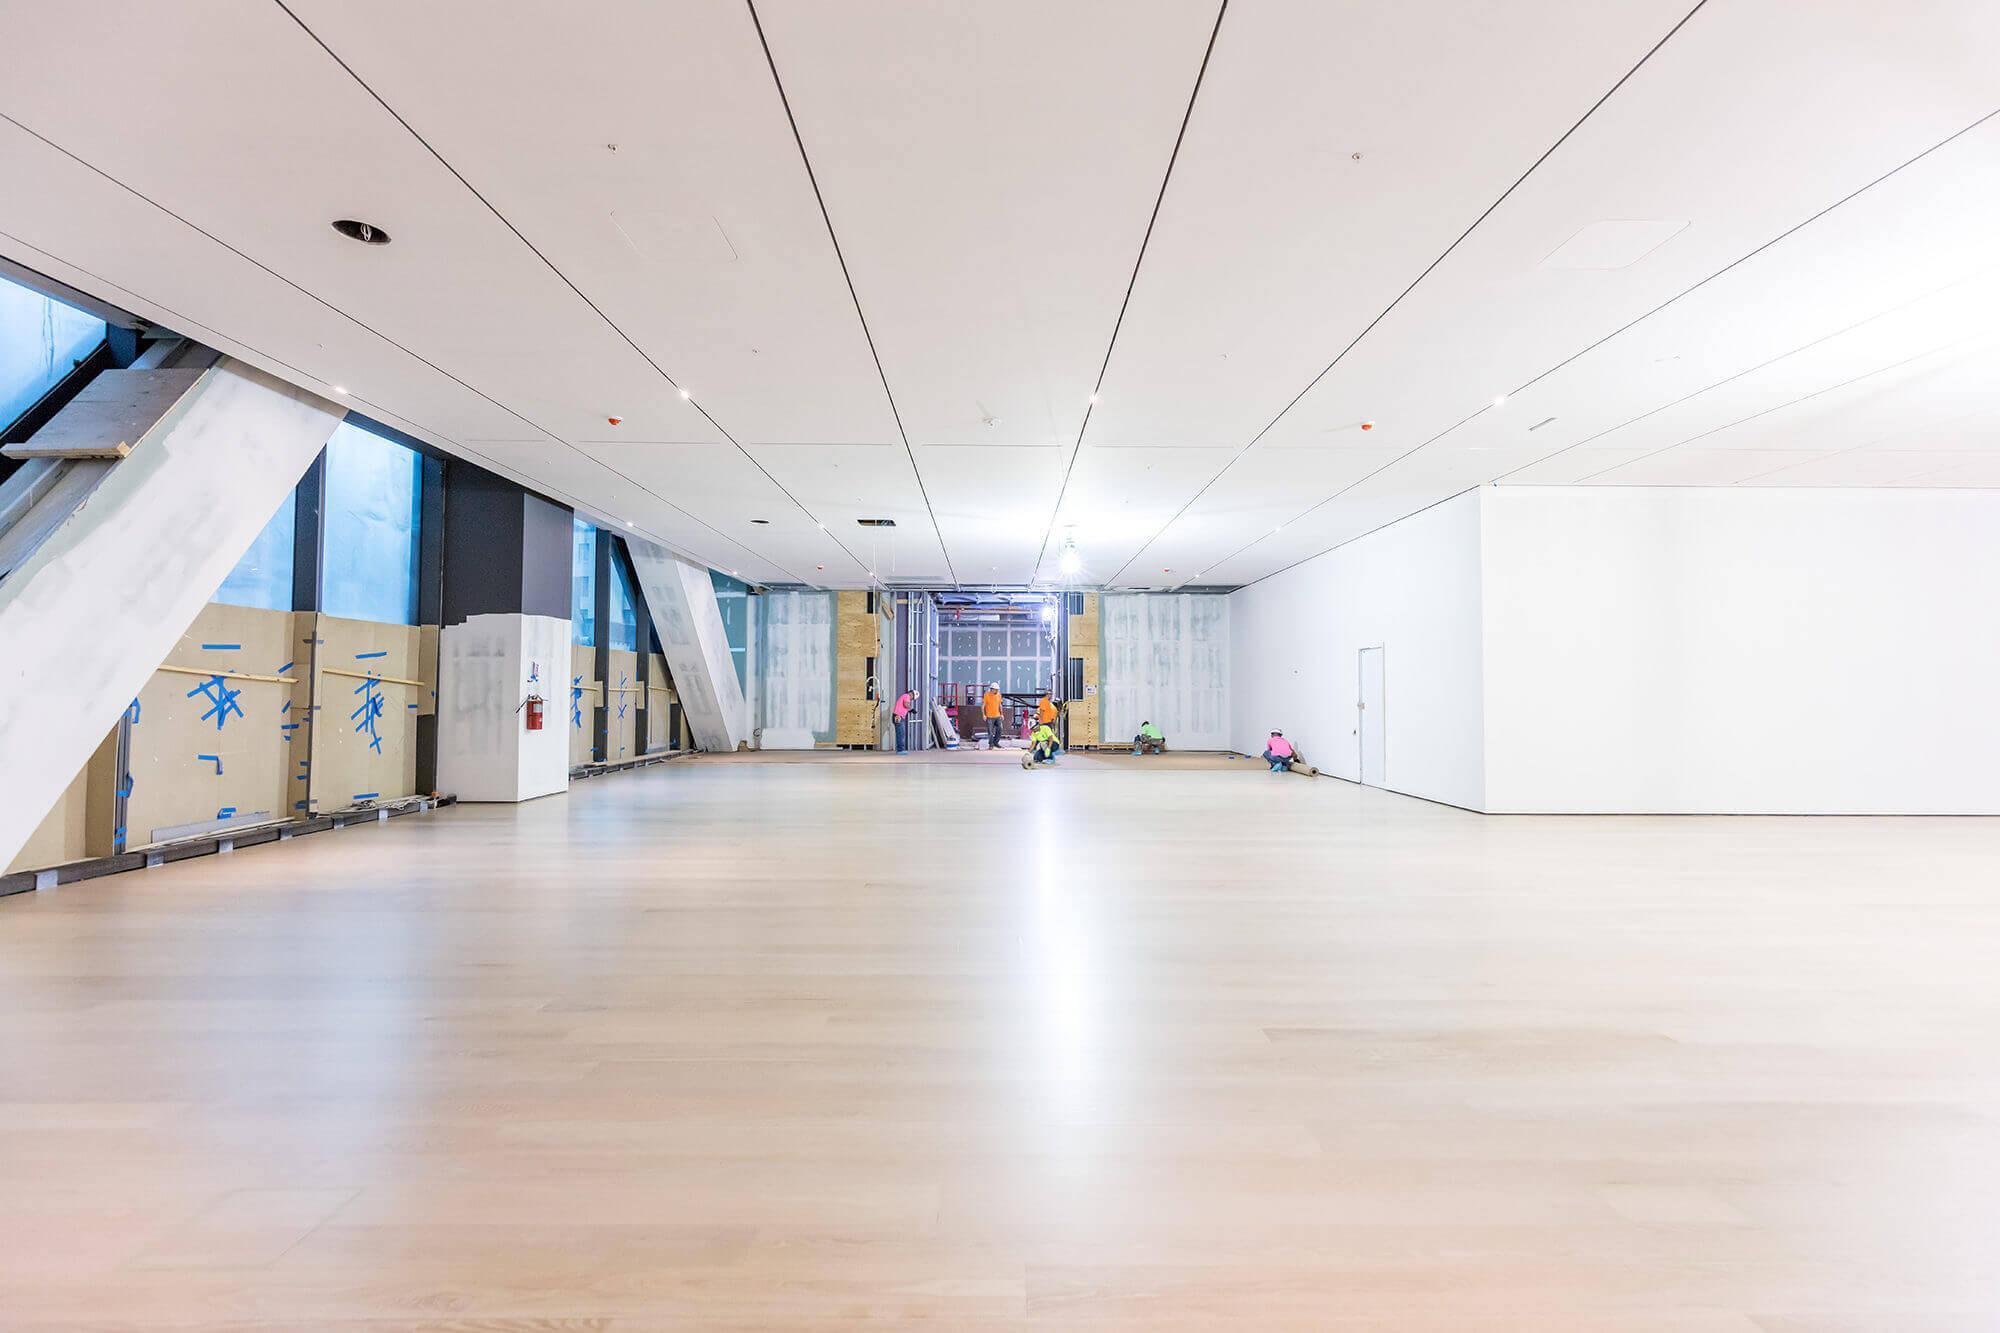 MoMA cierra sus puertas por remodelación y expansión 4